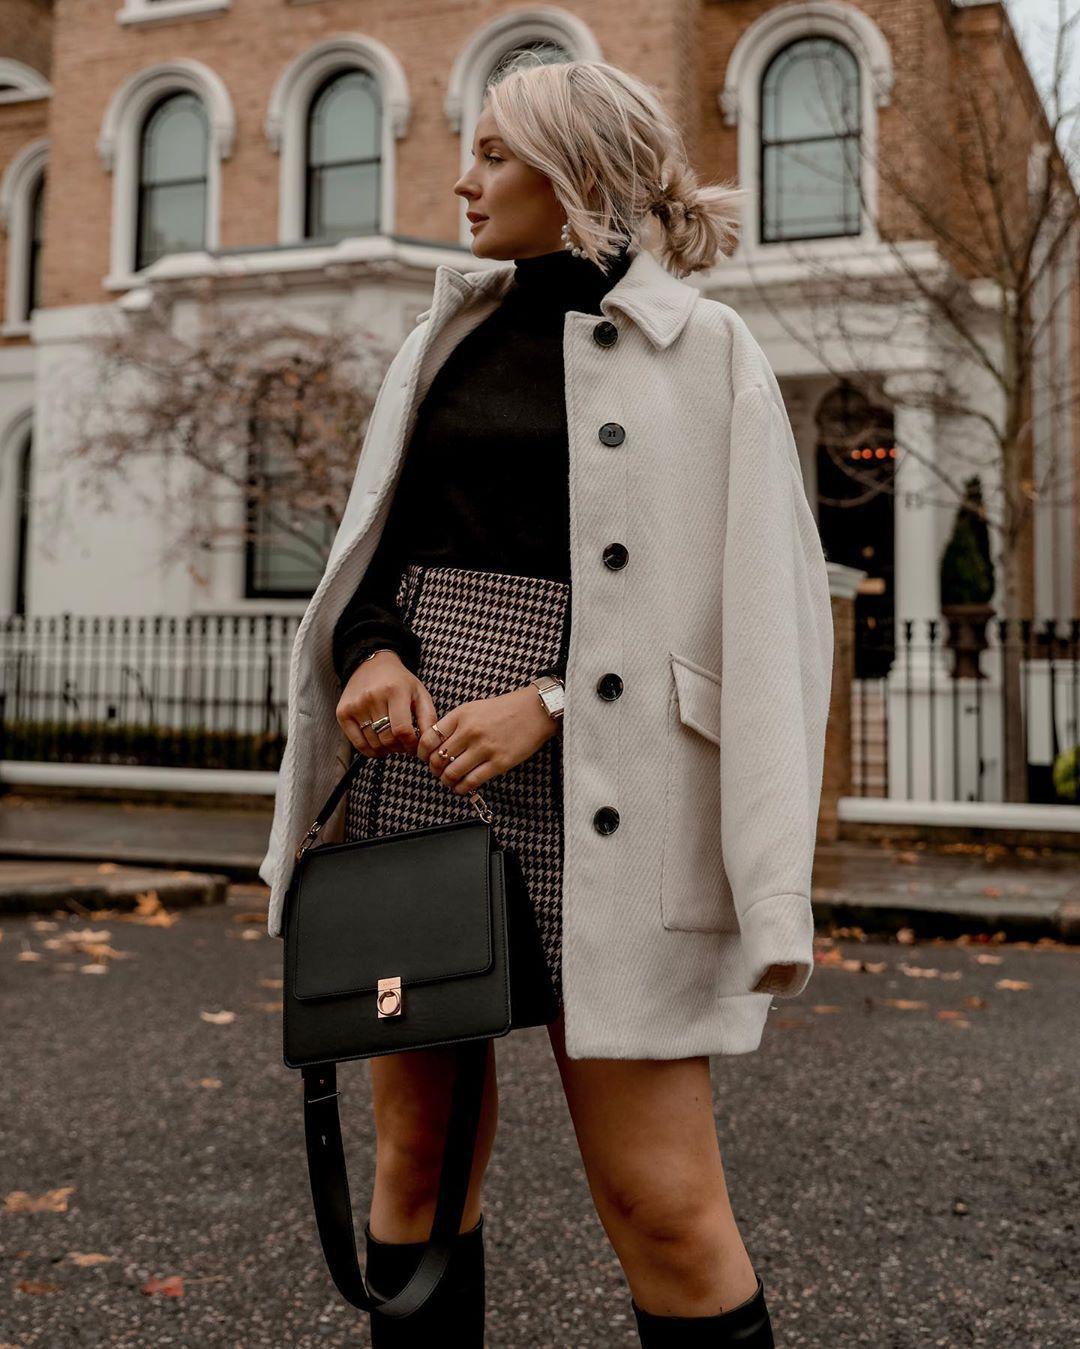 jacket oversized jacket black boots knee high boots plaid skirt black bag black turtleneck top